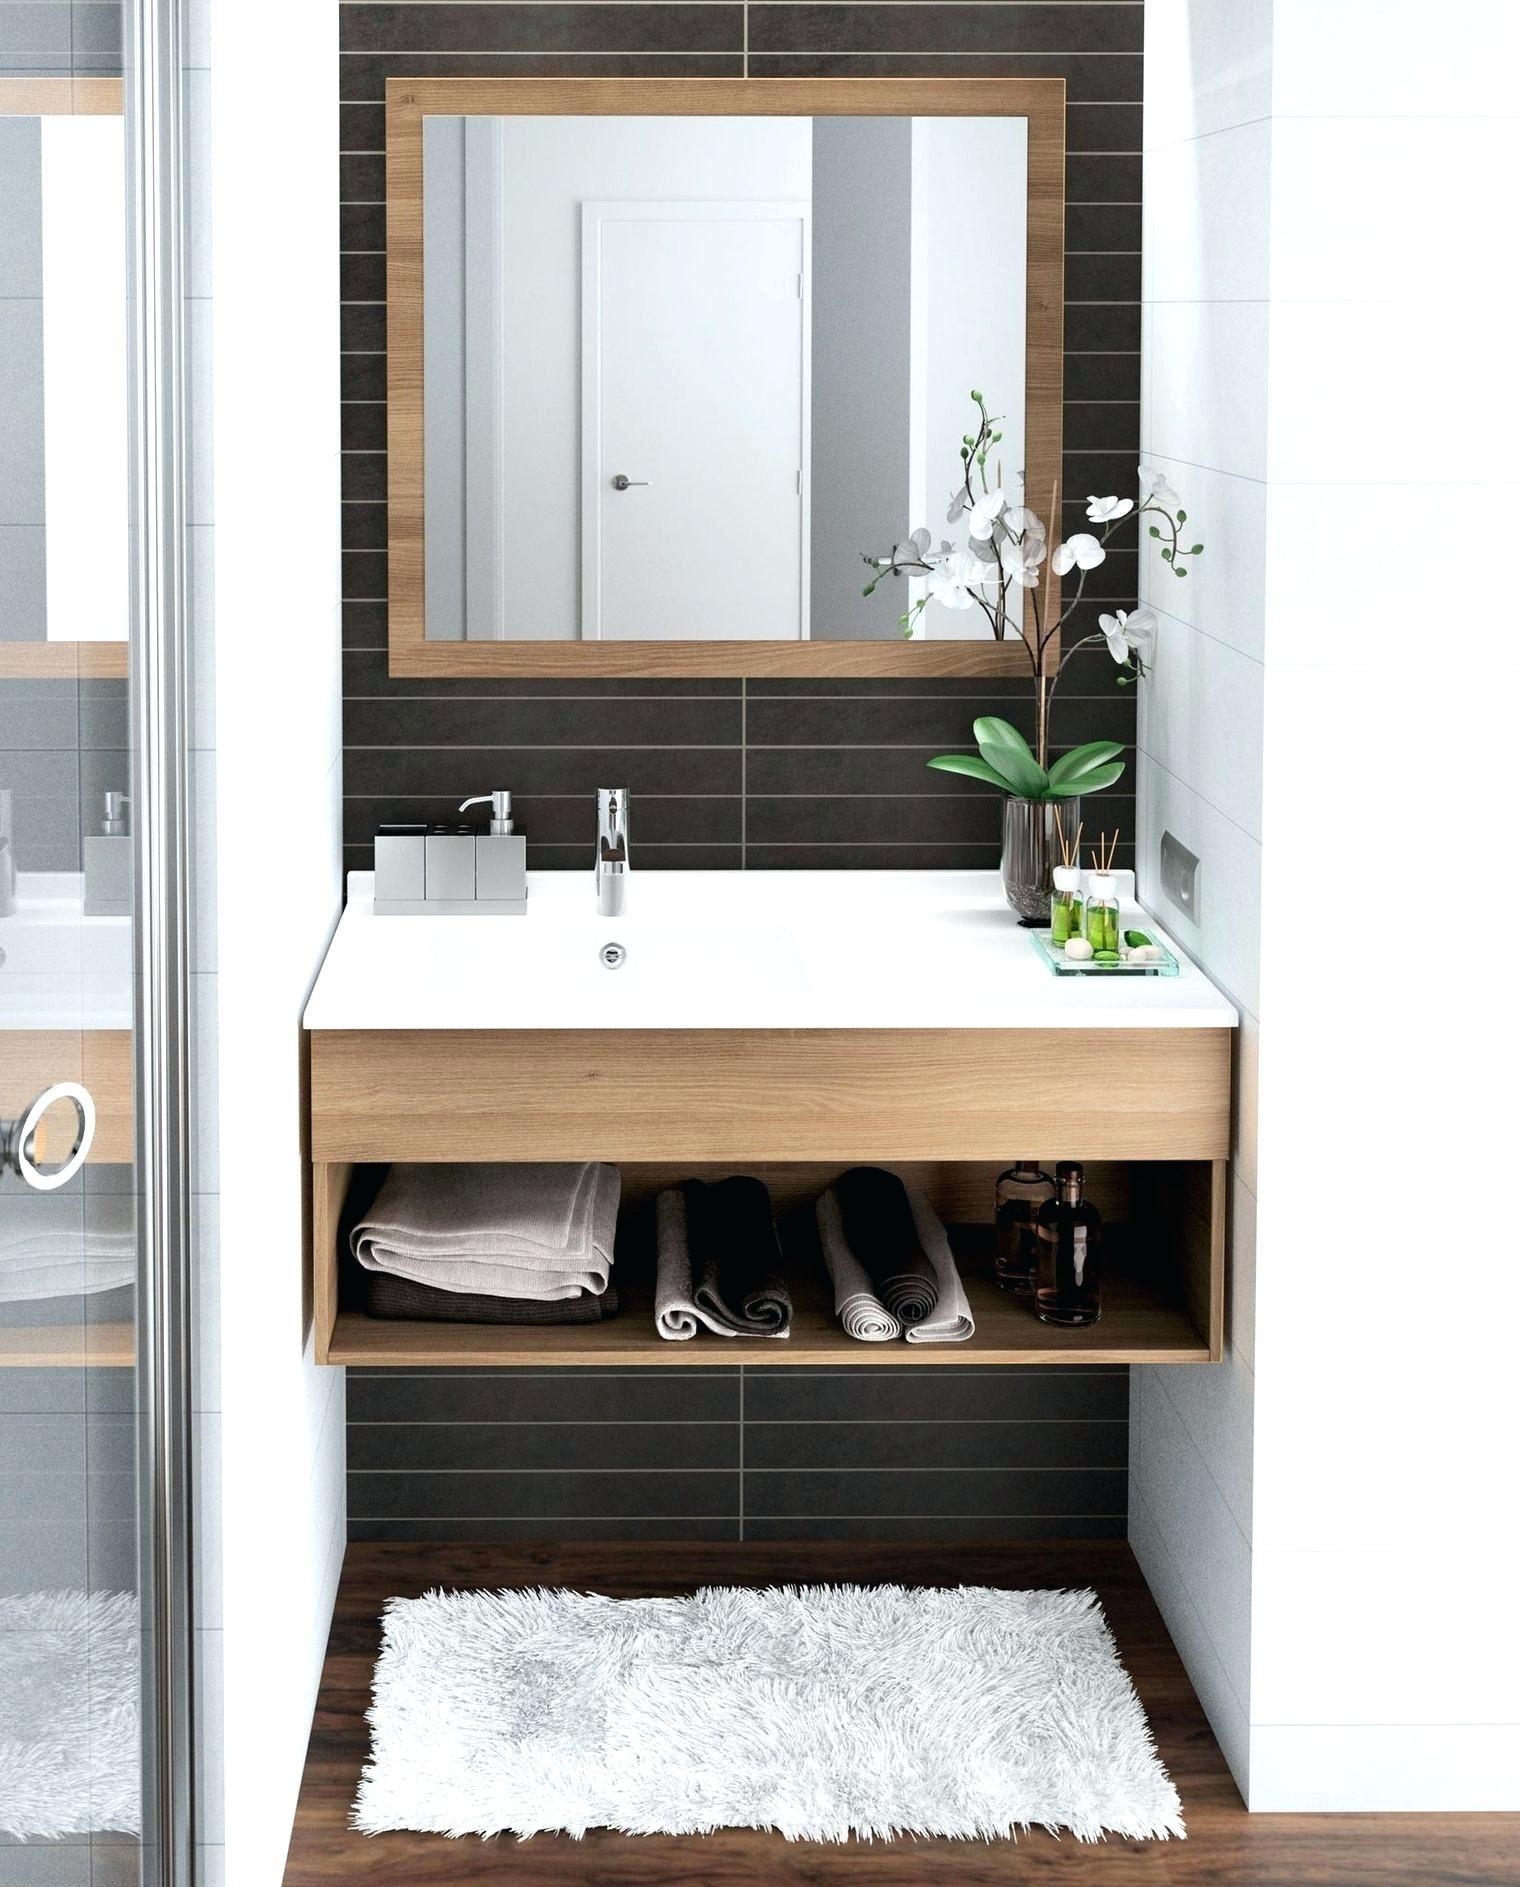 Meuble Wc Brico Dépot Meilleur De Images Best Baignoire Salle De Bain Brico Depot S Design Trends 2017